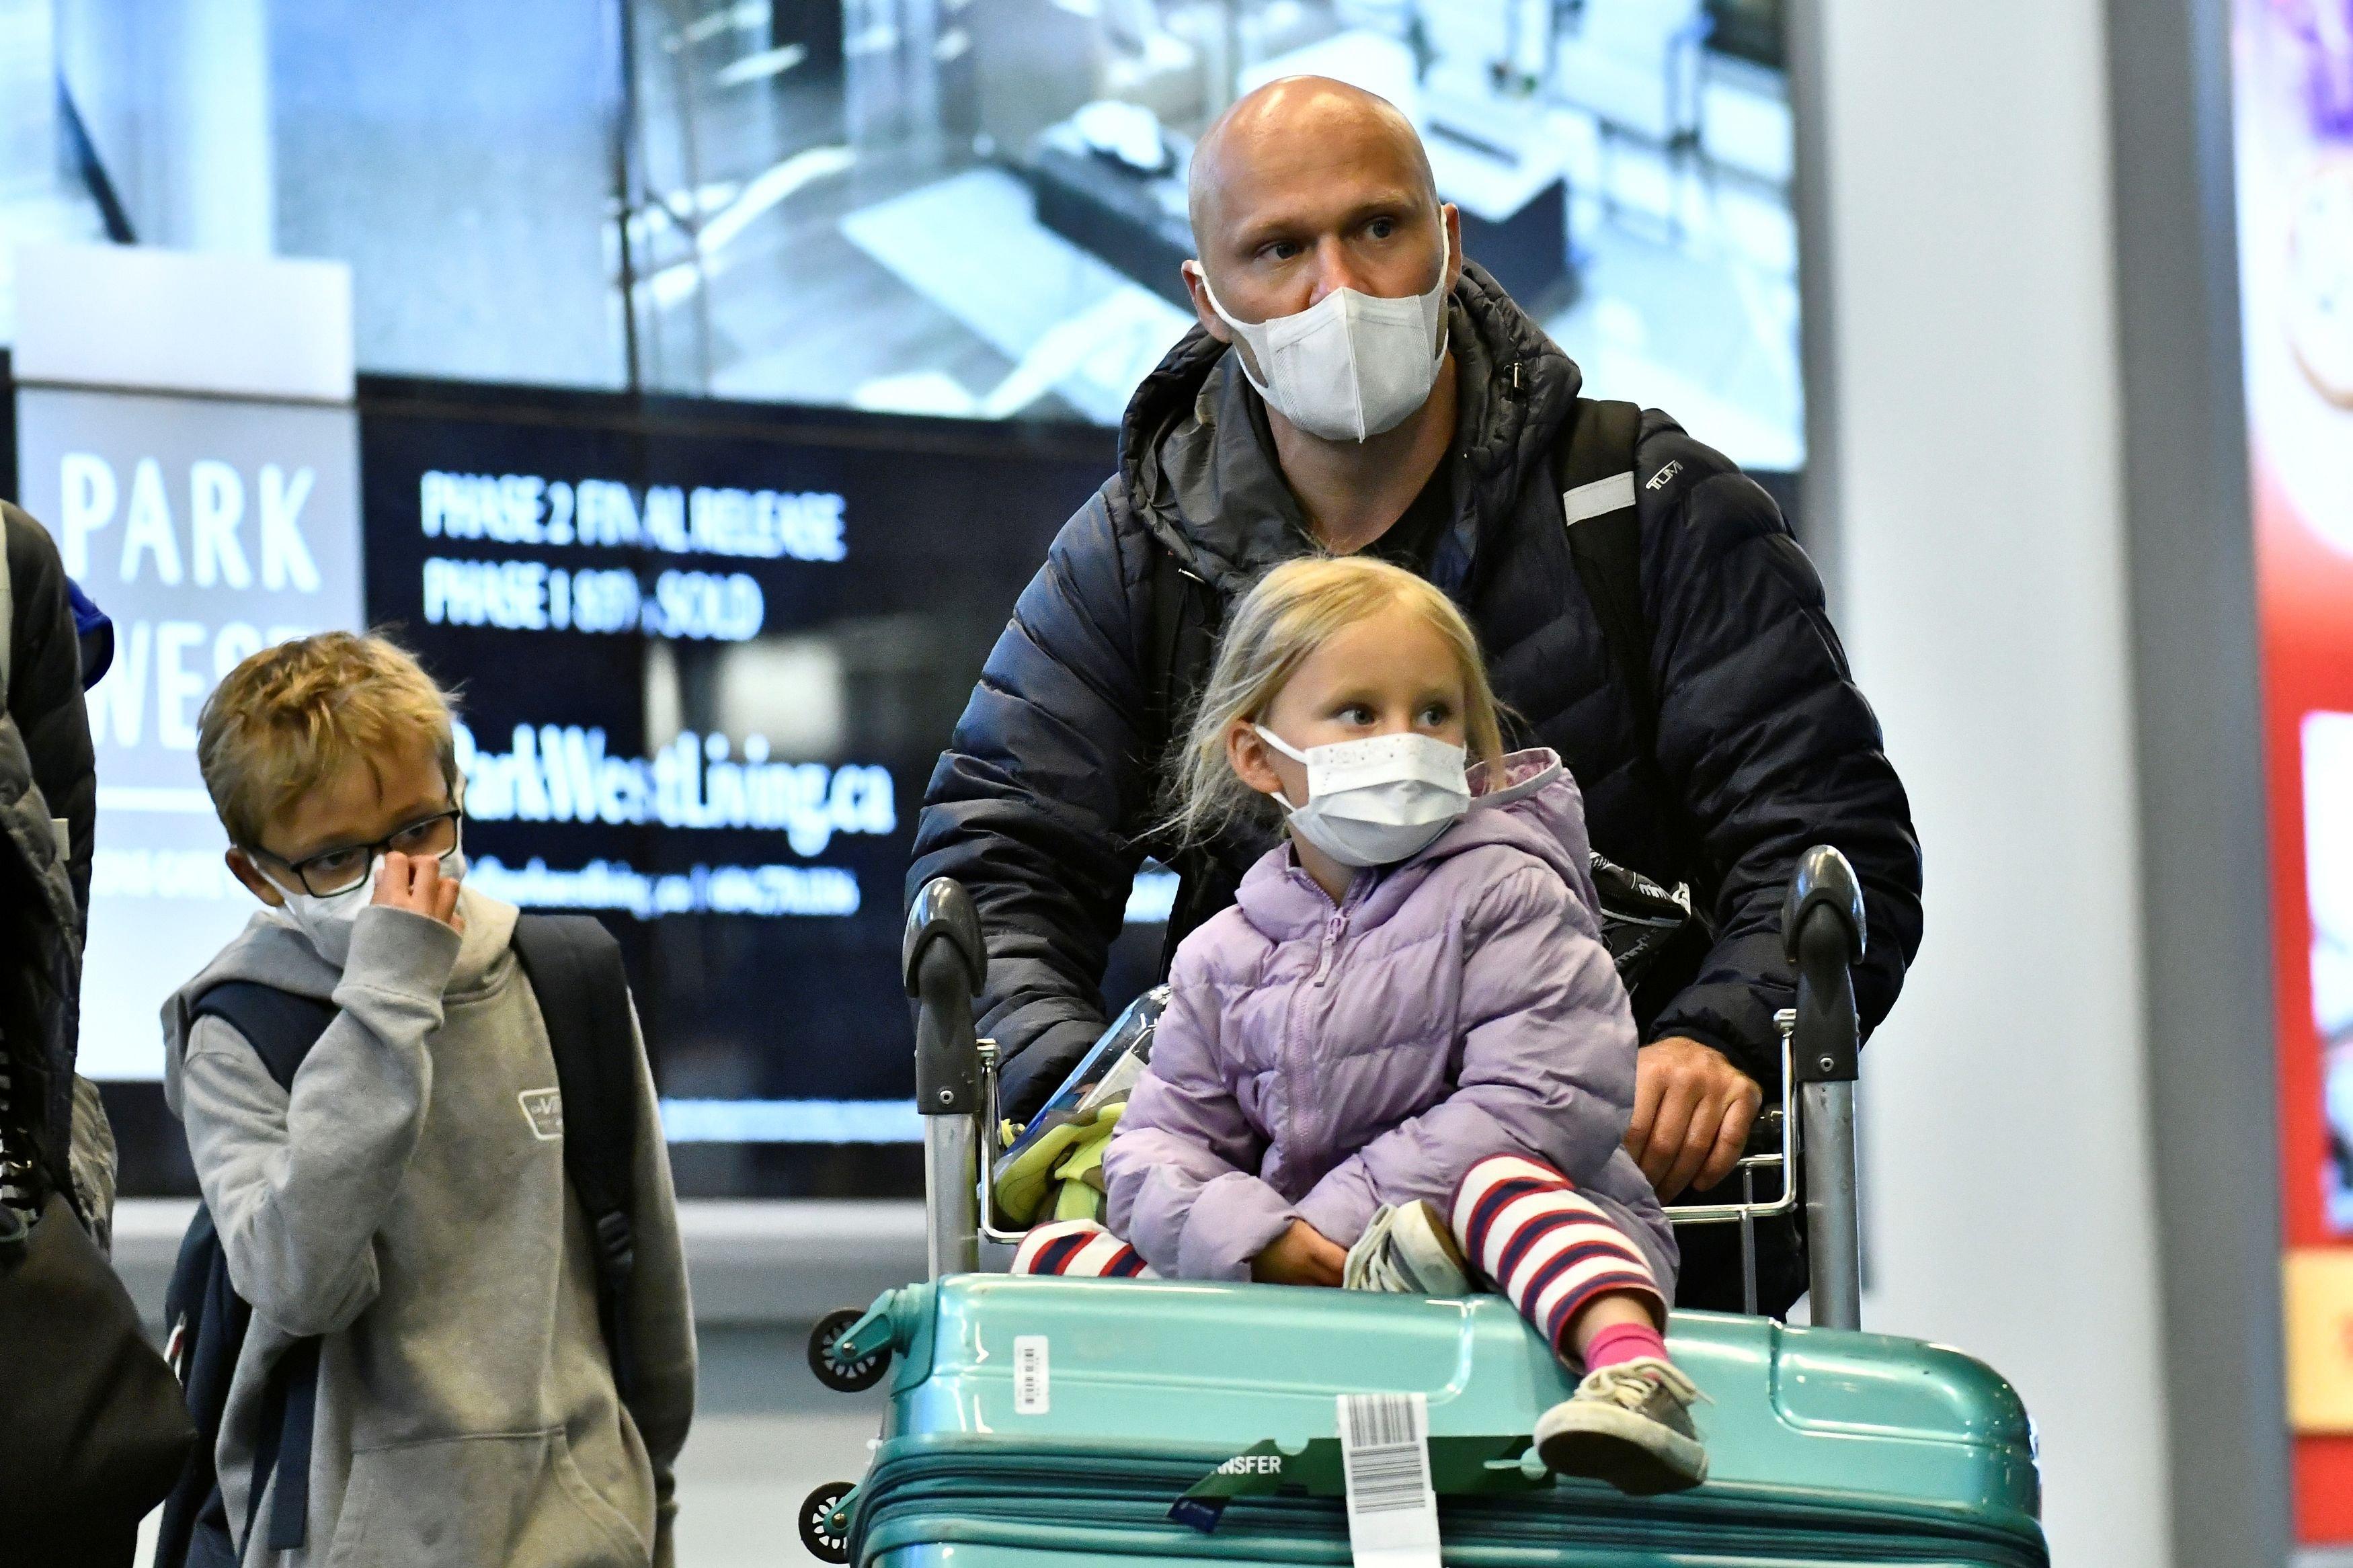 El brote de coronavirus llega a Europa: Francia confirma los tres primeros casos en París y Burdeos